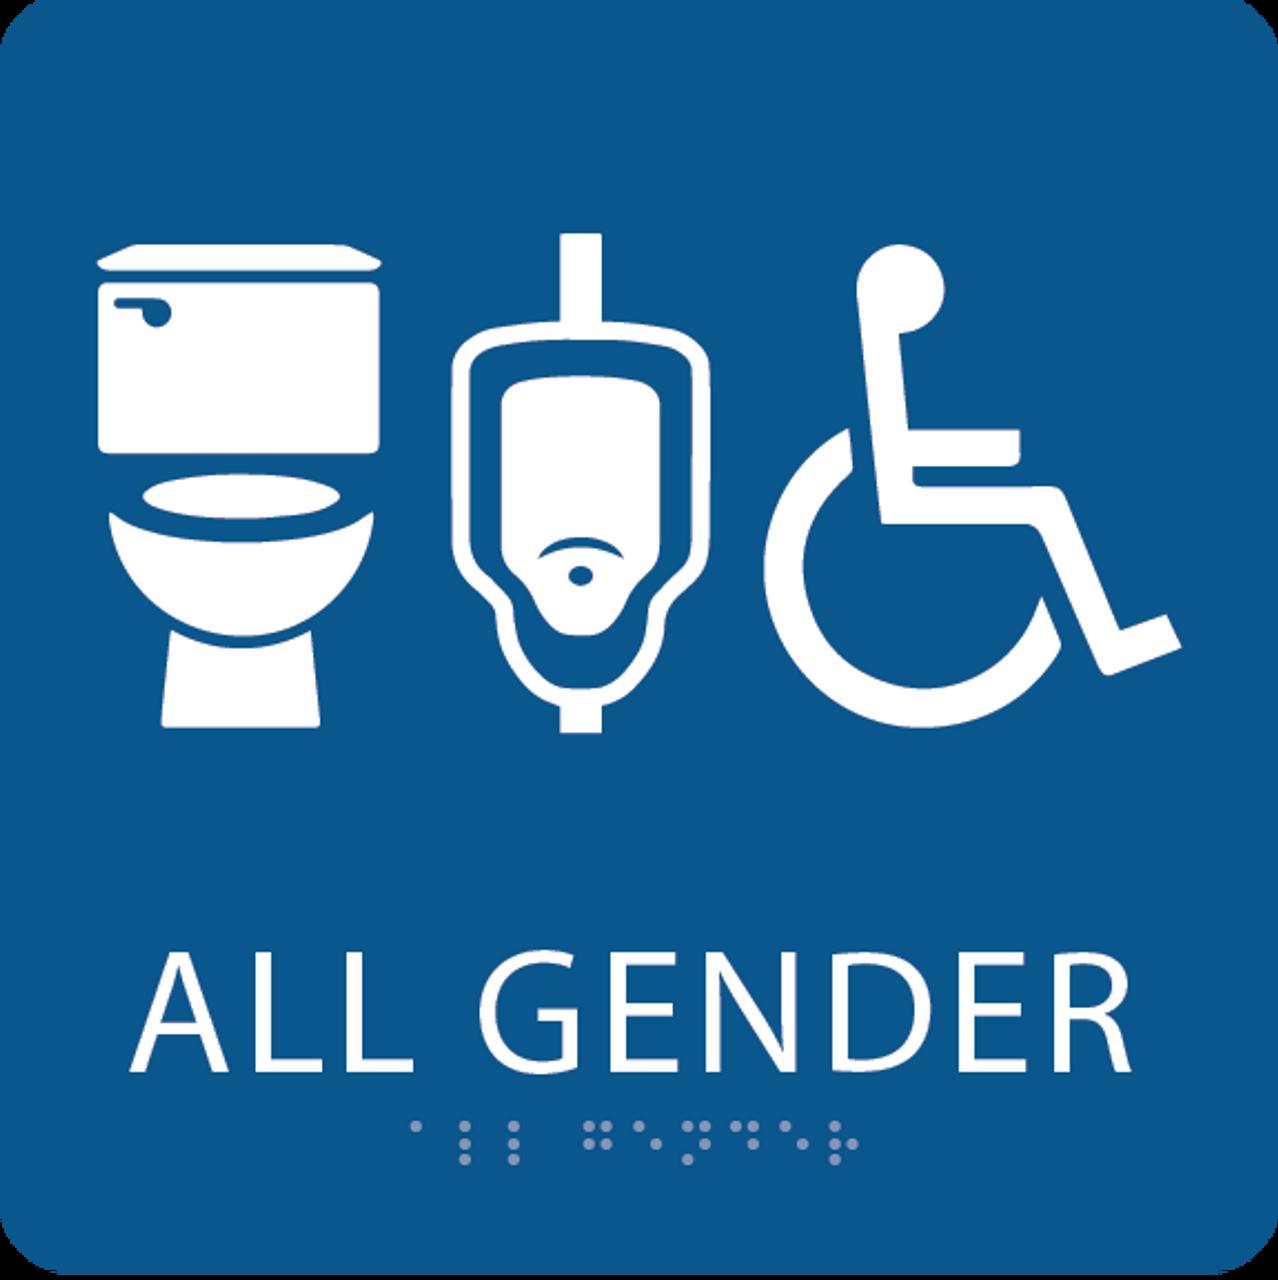 Royal All Gender Neutral Restroom Sign